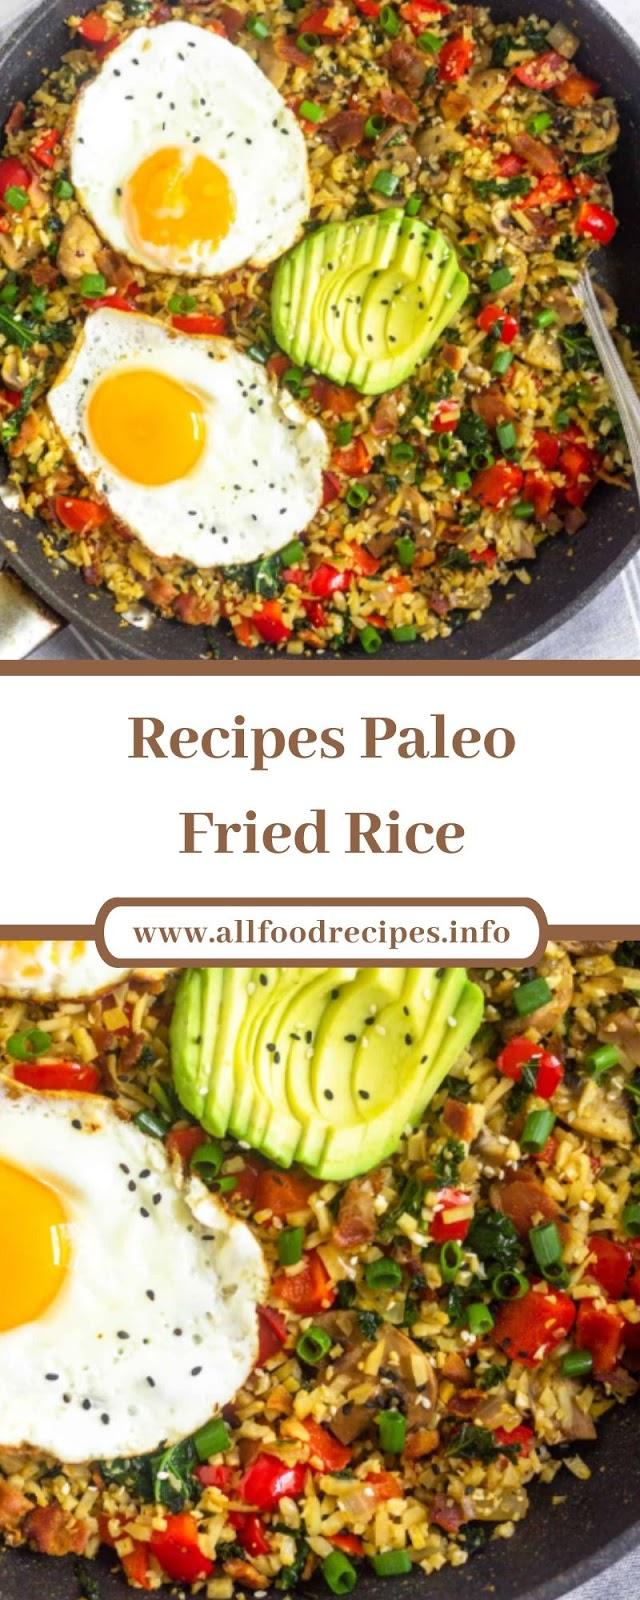 Recipes Paleo Fried Rice